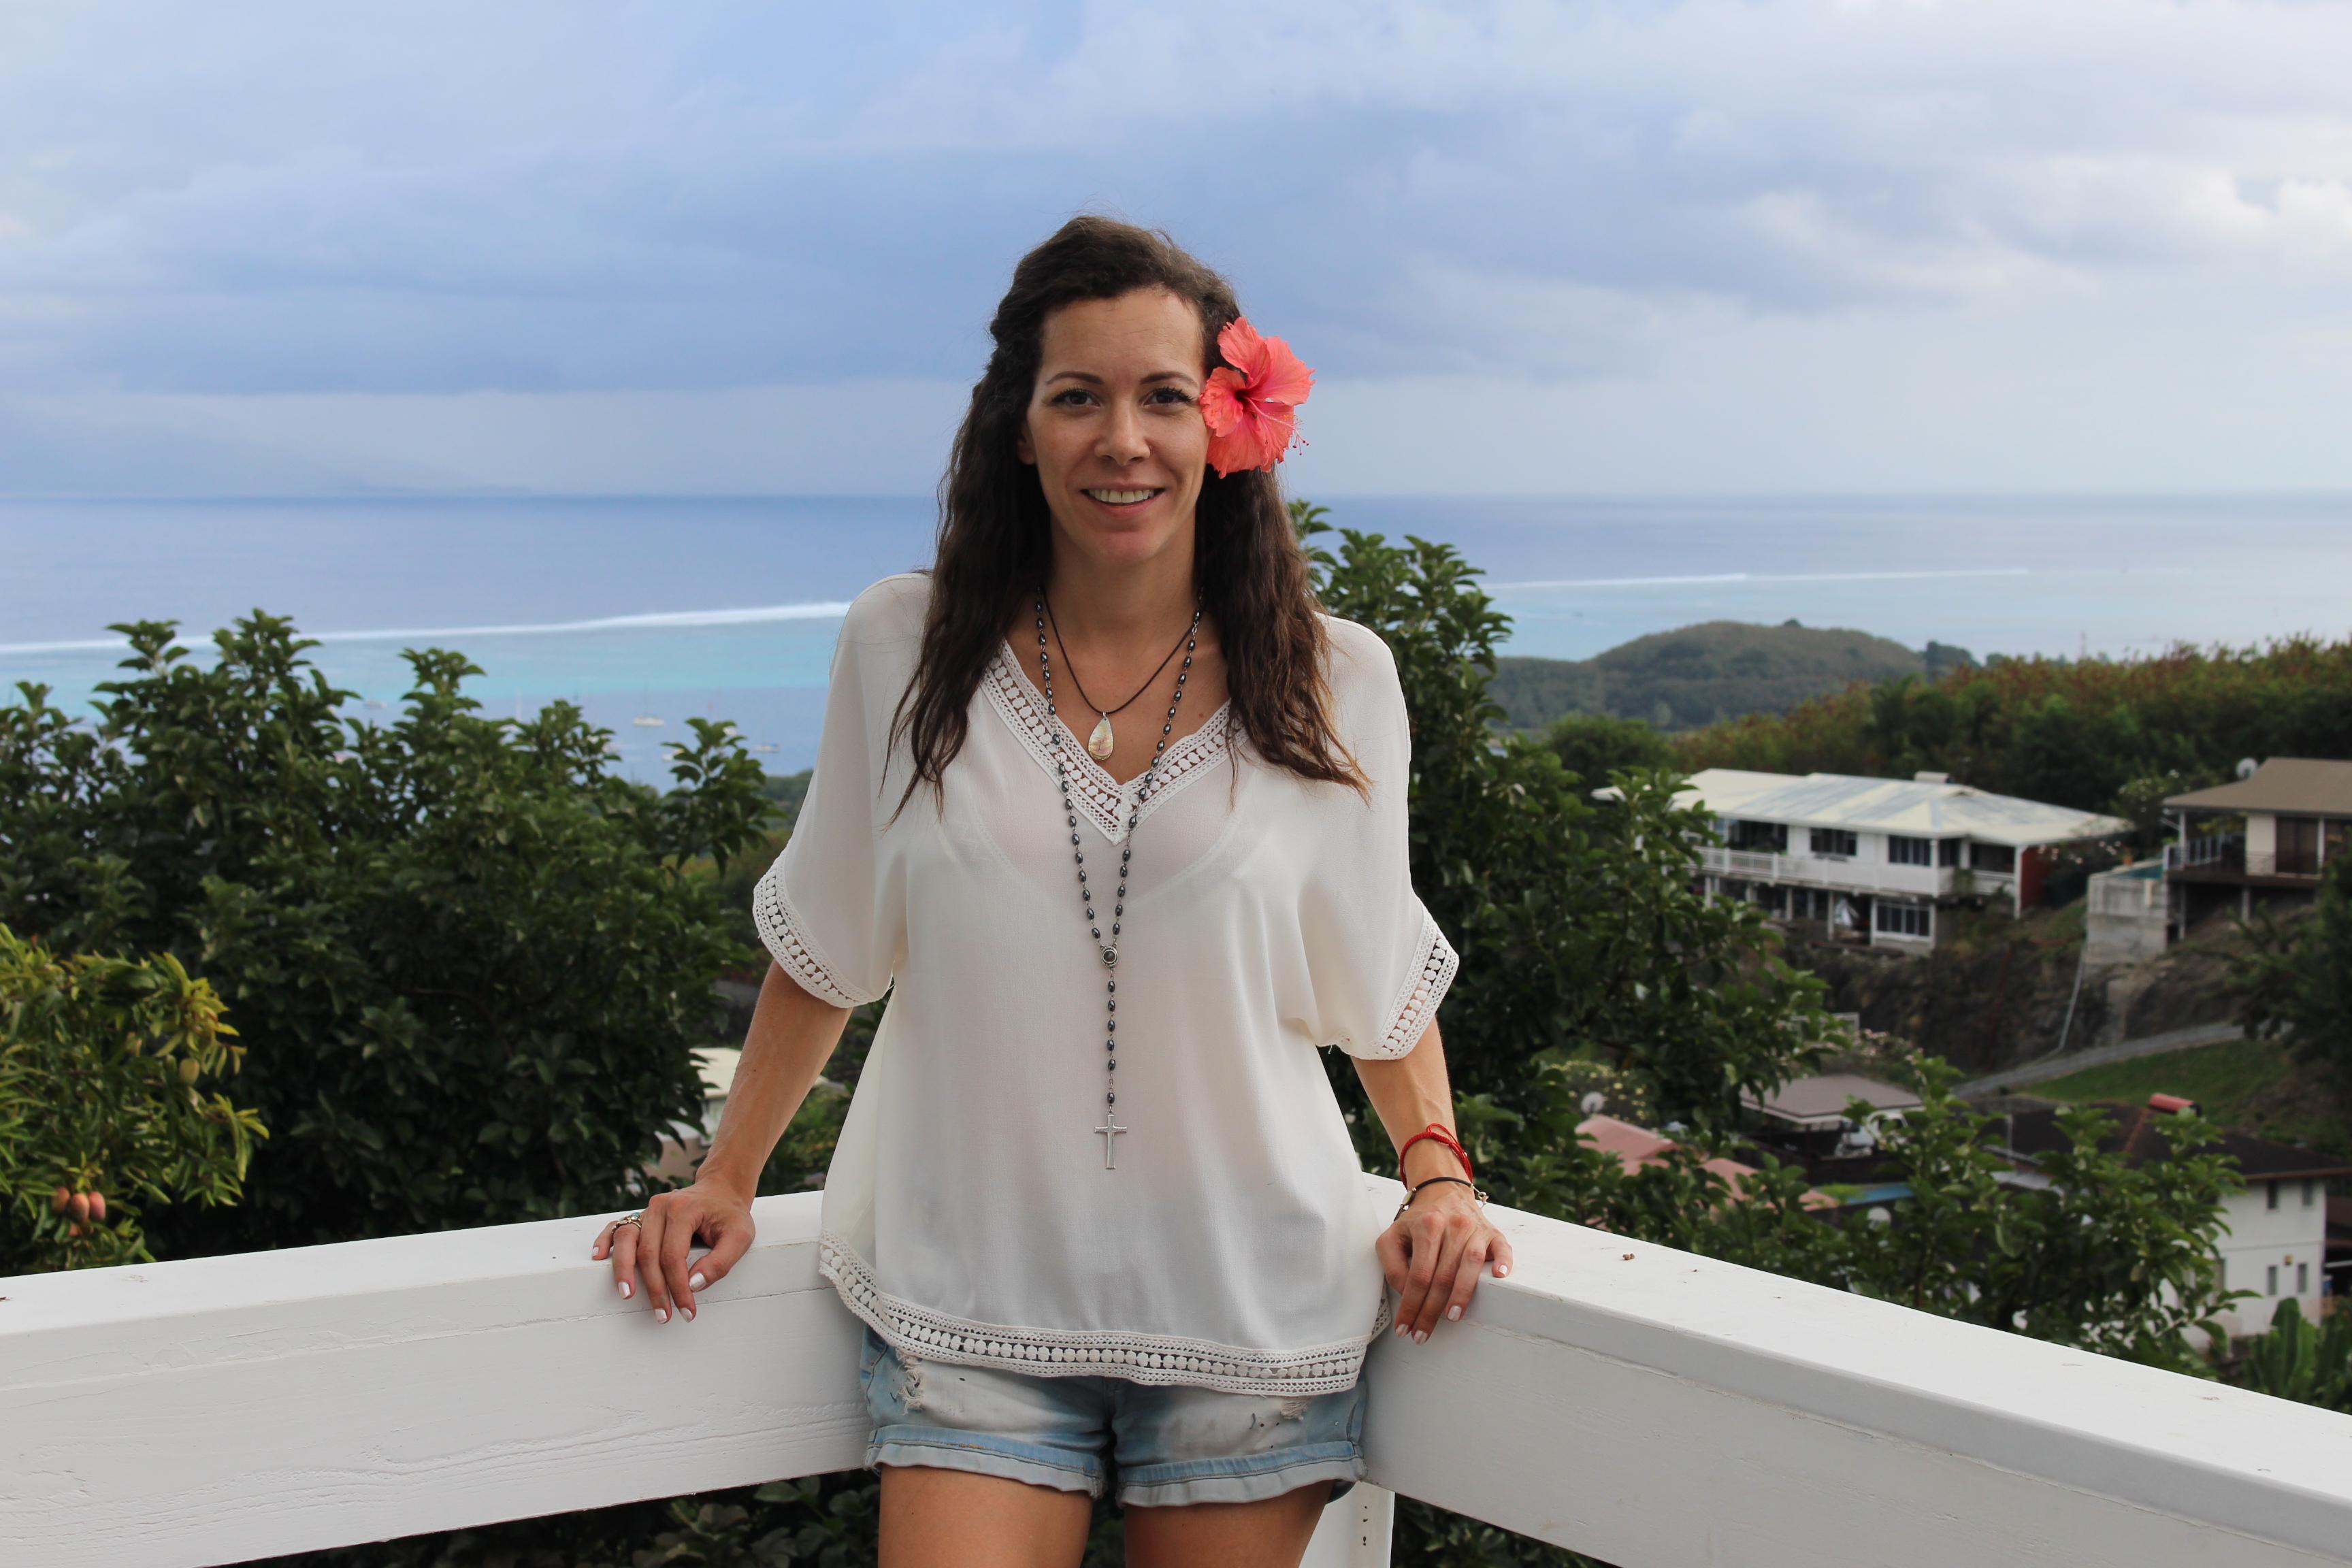 L'humoriste Nadia Chibani prépare un nouveau show : Les Tribulations d'une popa'a